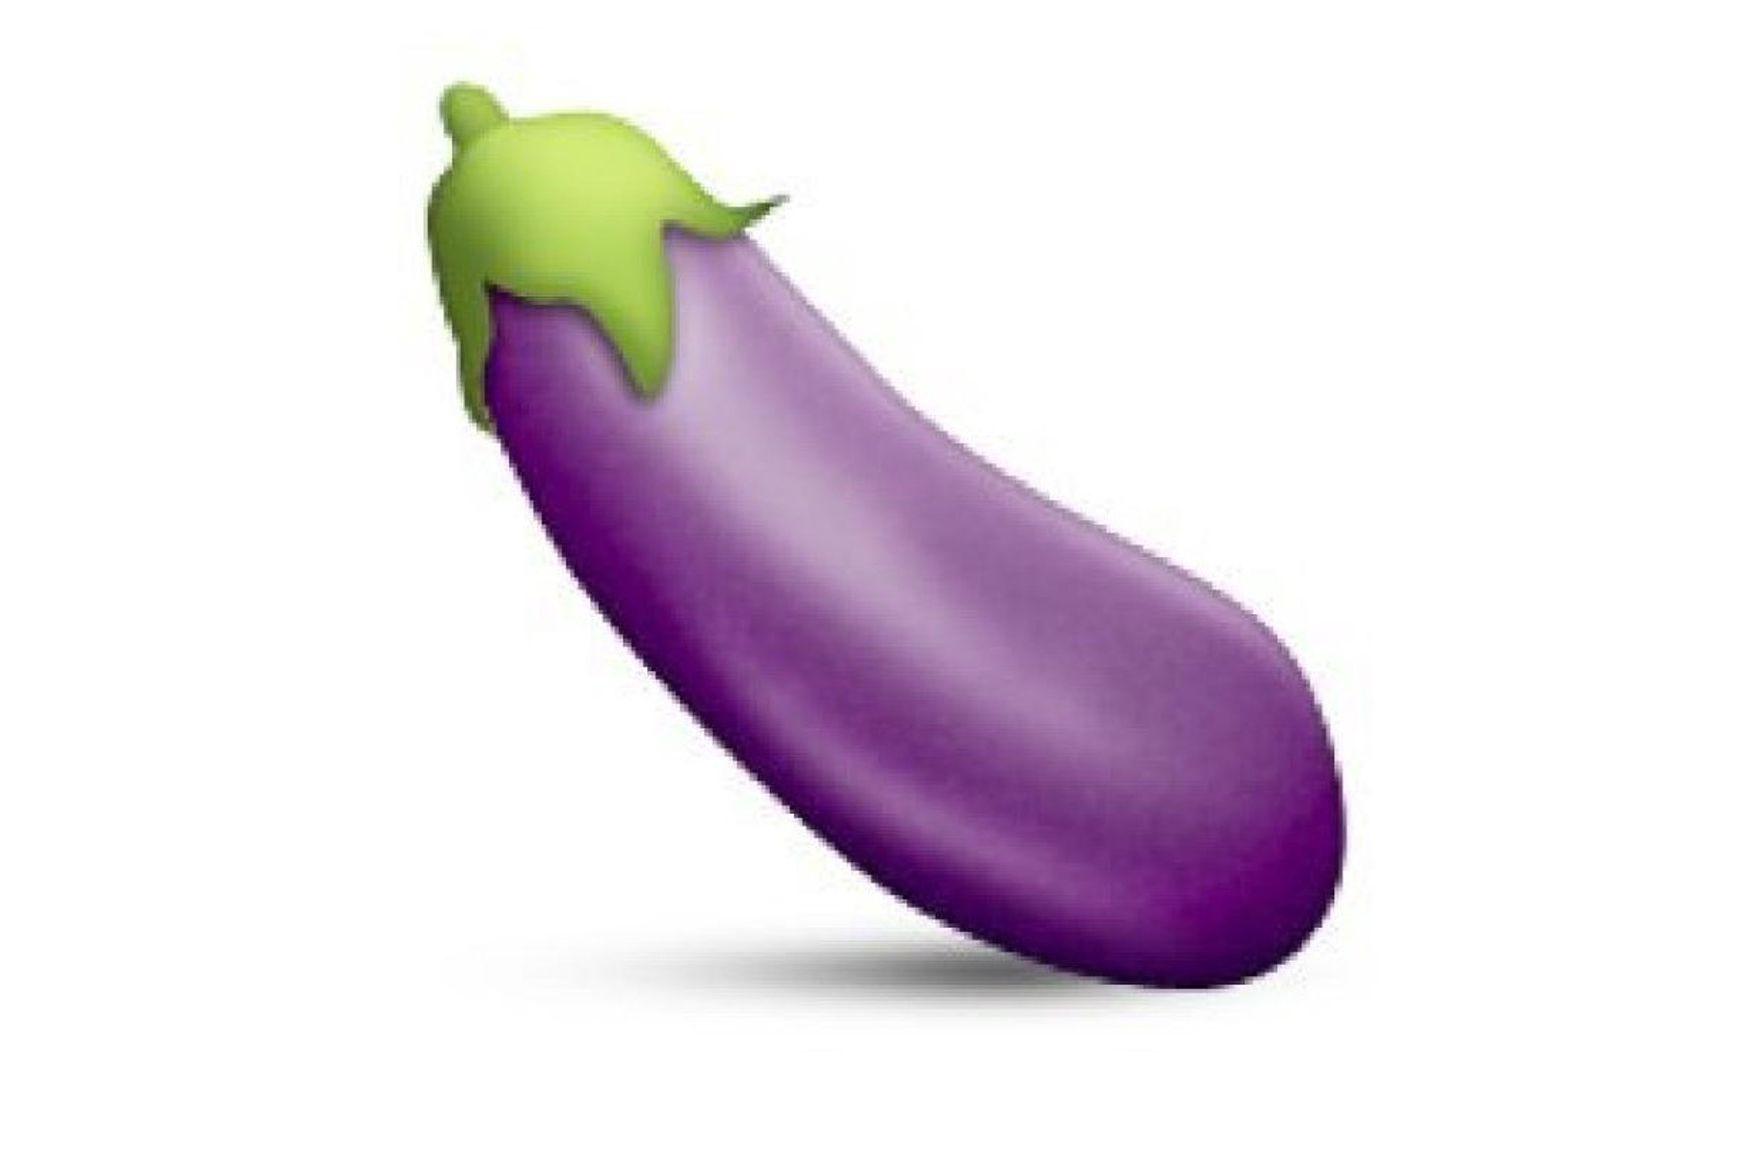 Bae definition, eggplant emoji and other internet slang ...